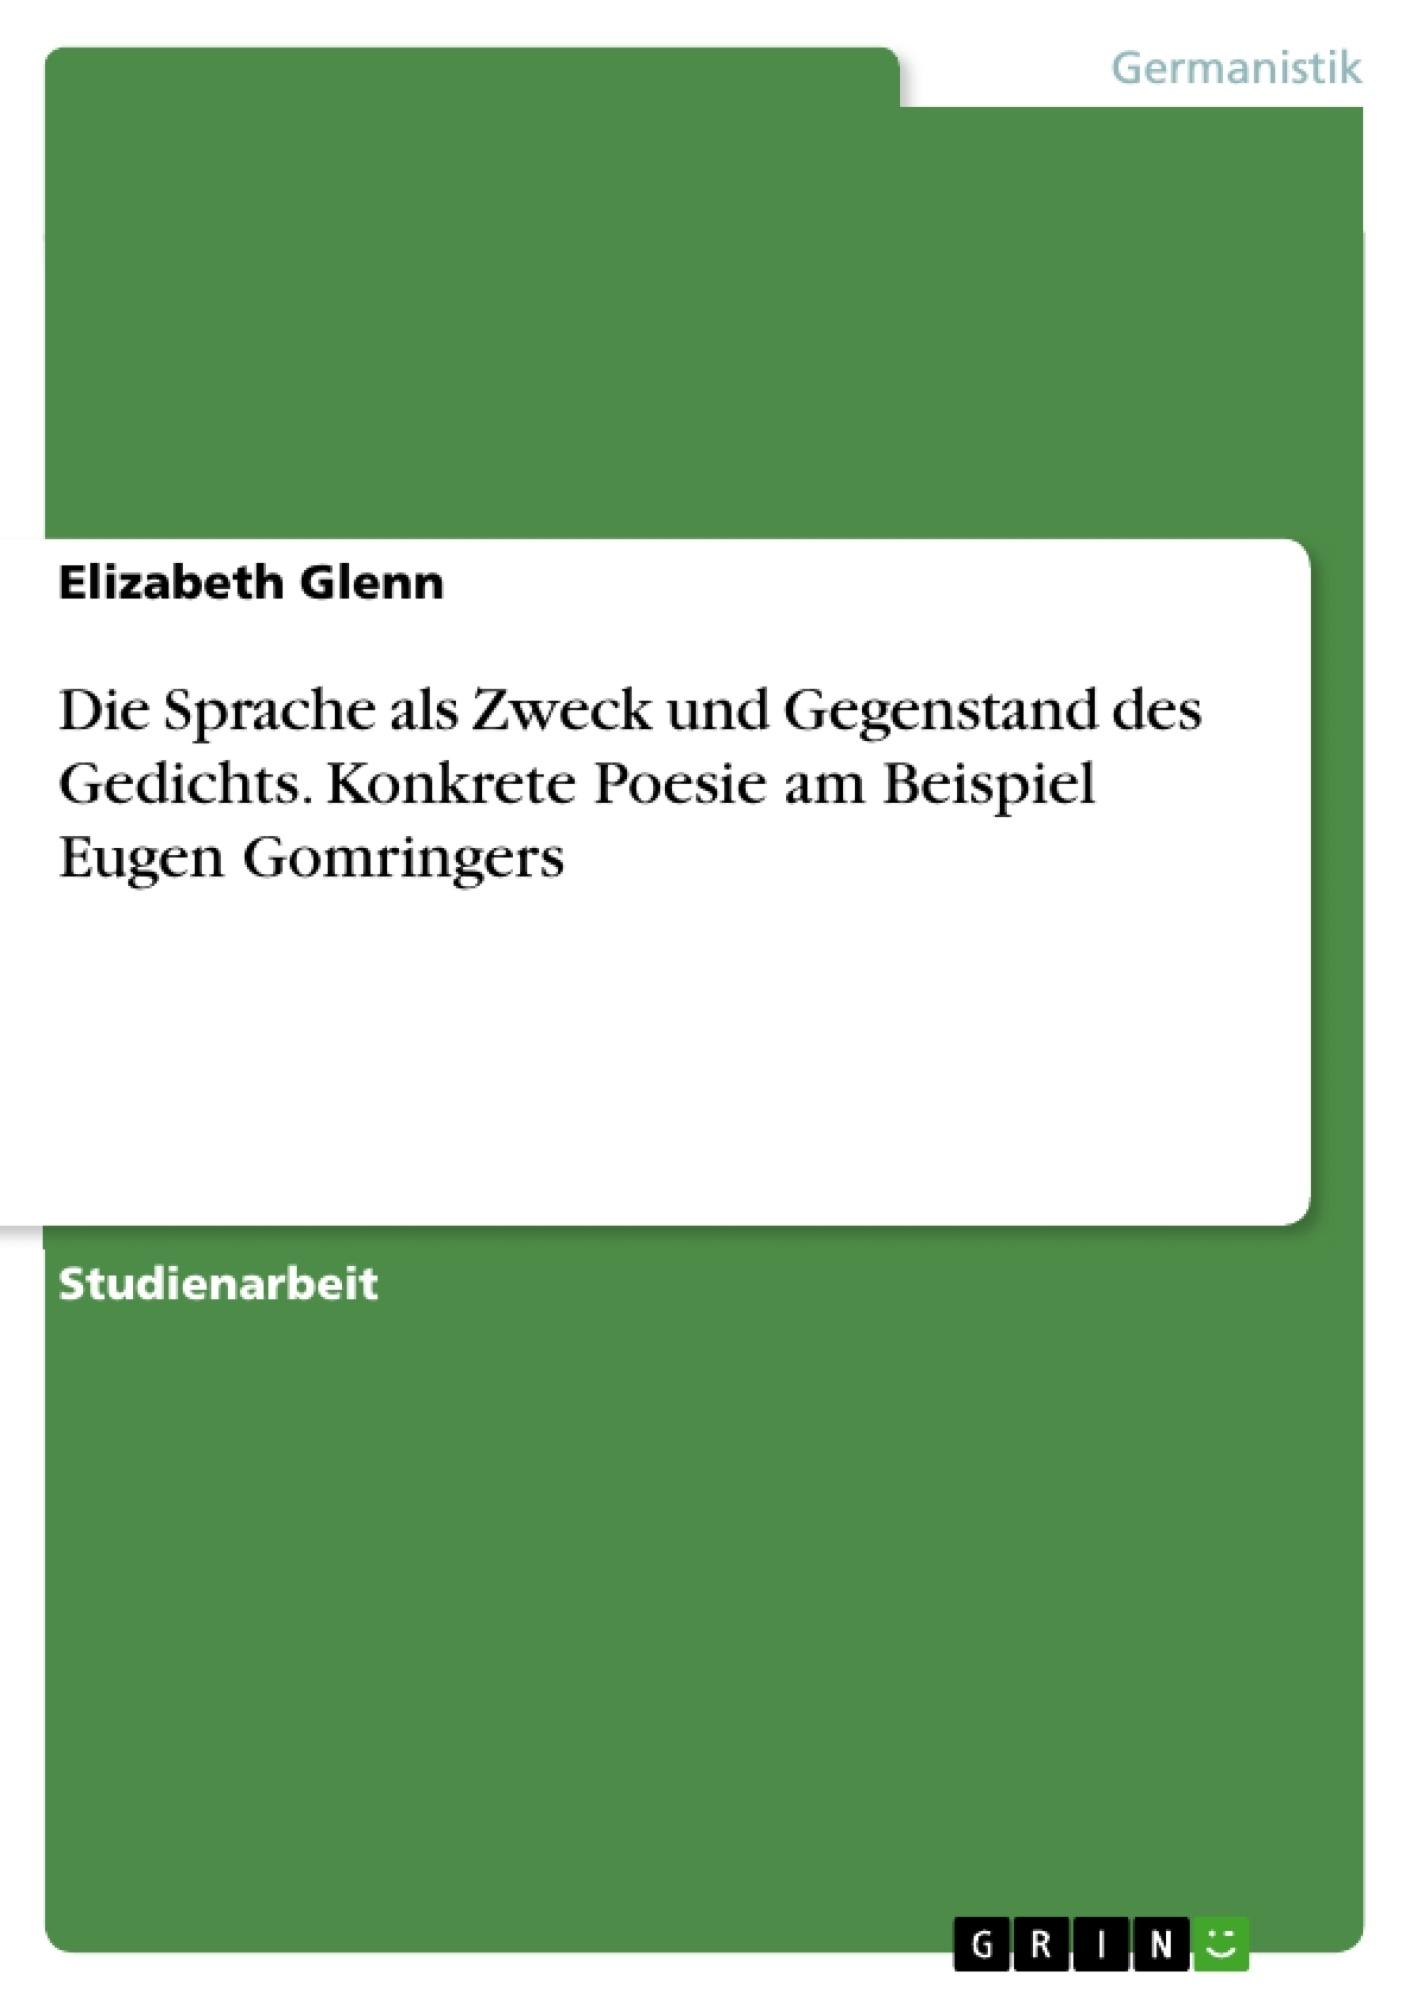 Titel: Die Sprache als Zweck und Gegenstand des Gedichts. Konkrete Poesie am Beispiel Eugen Gomringers